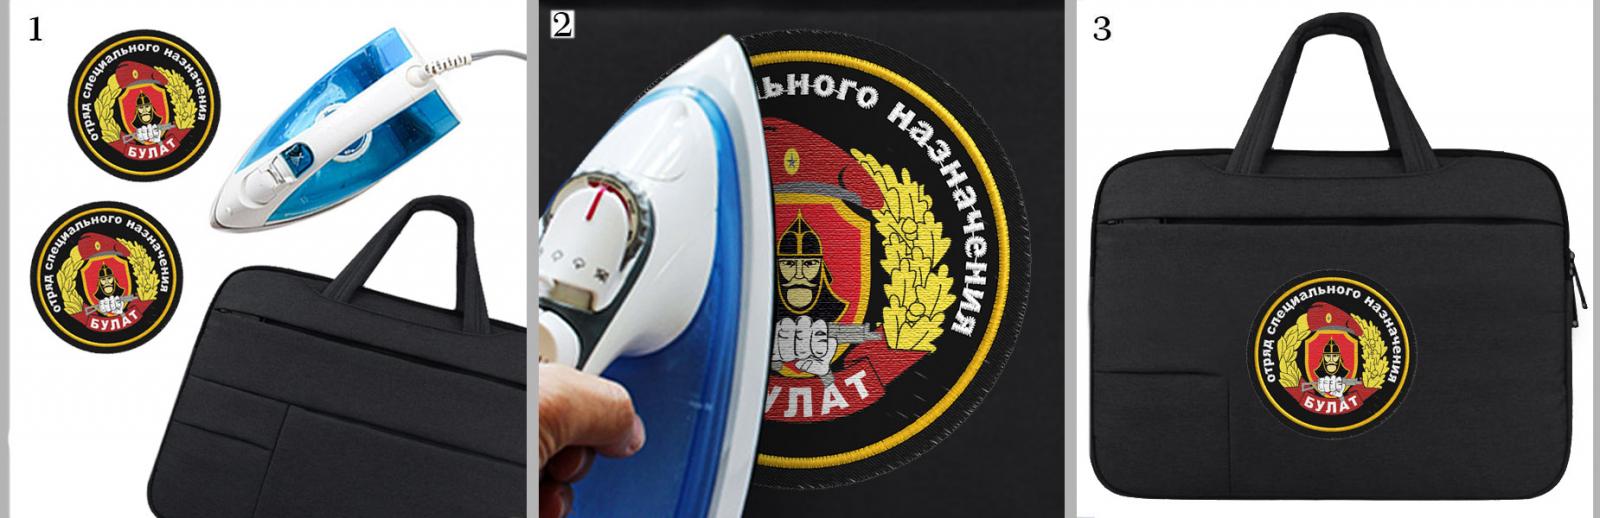 """Шеврон Спецназа ВВ 29 ОСН """"Булат"""" на сумке"""